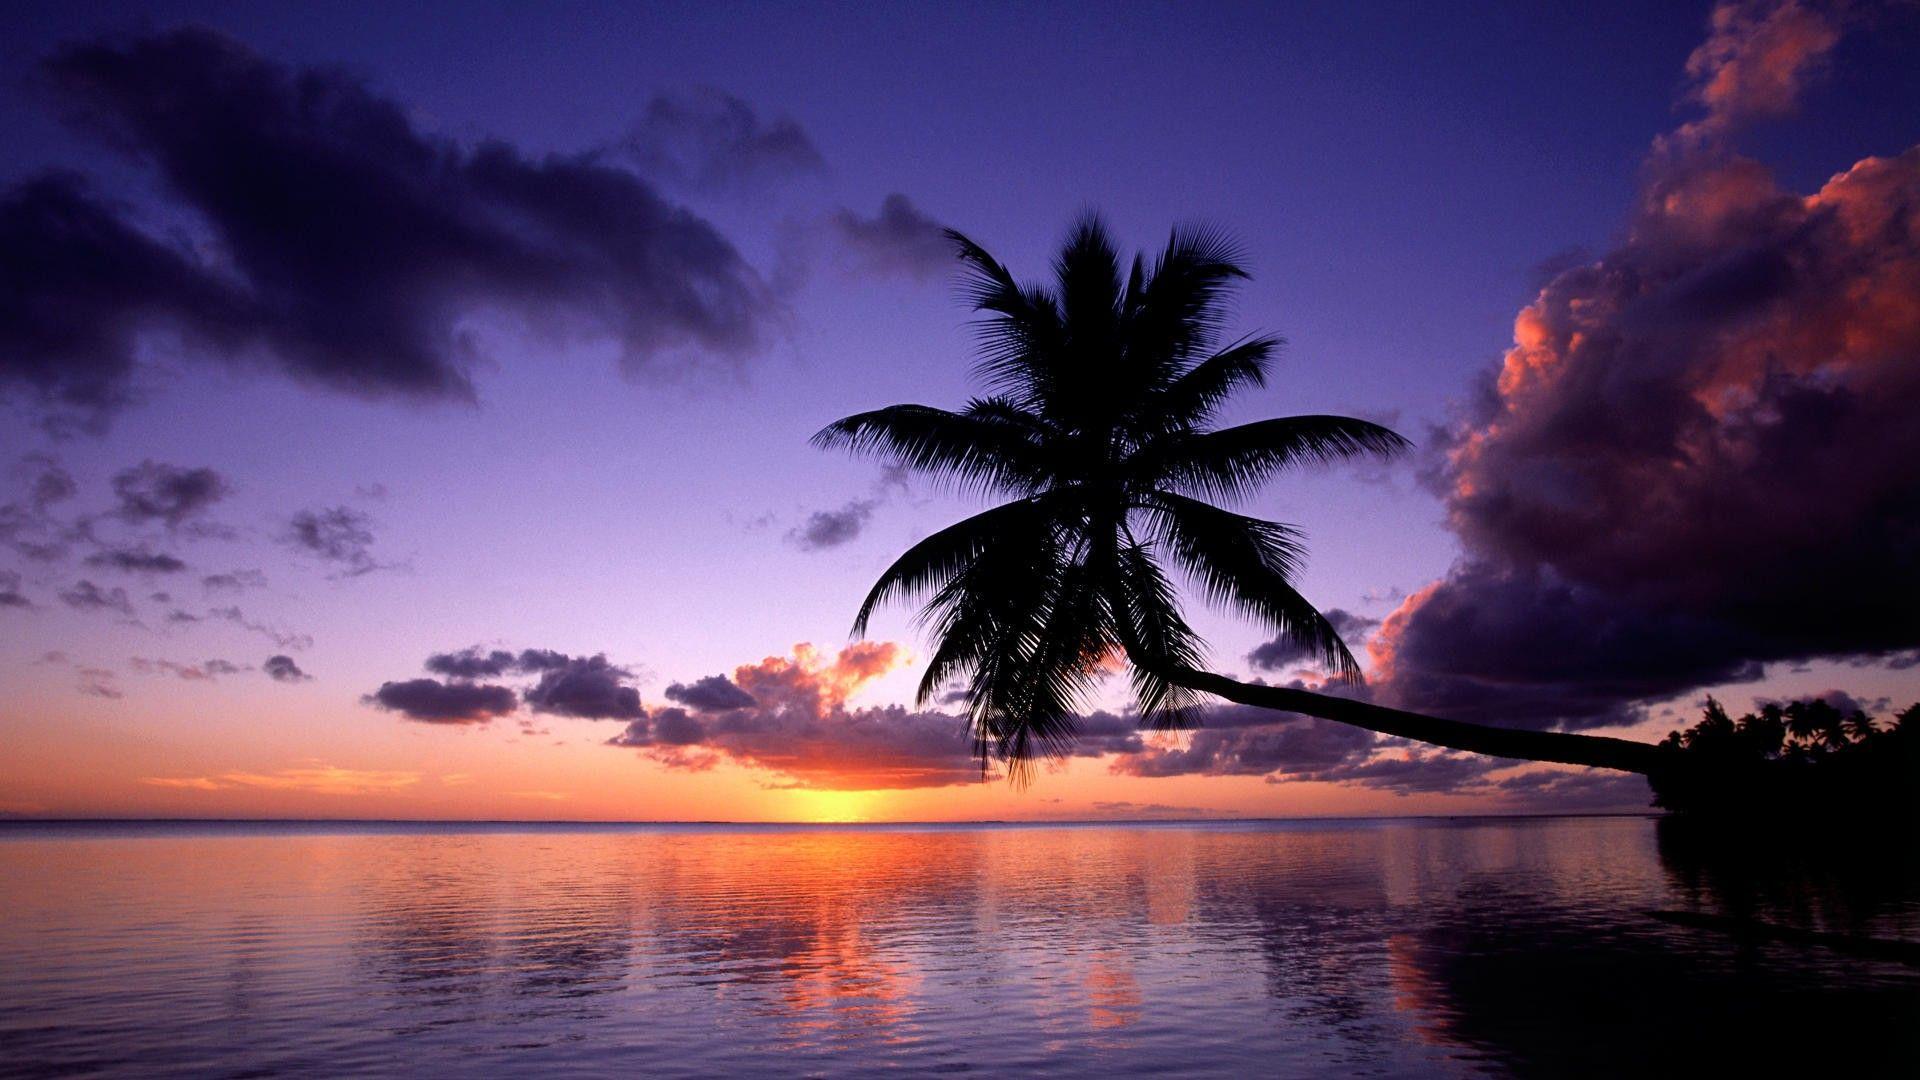 Tramonto A Moorea Isole Della Società Polinesia Francese